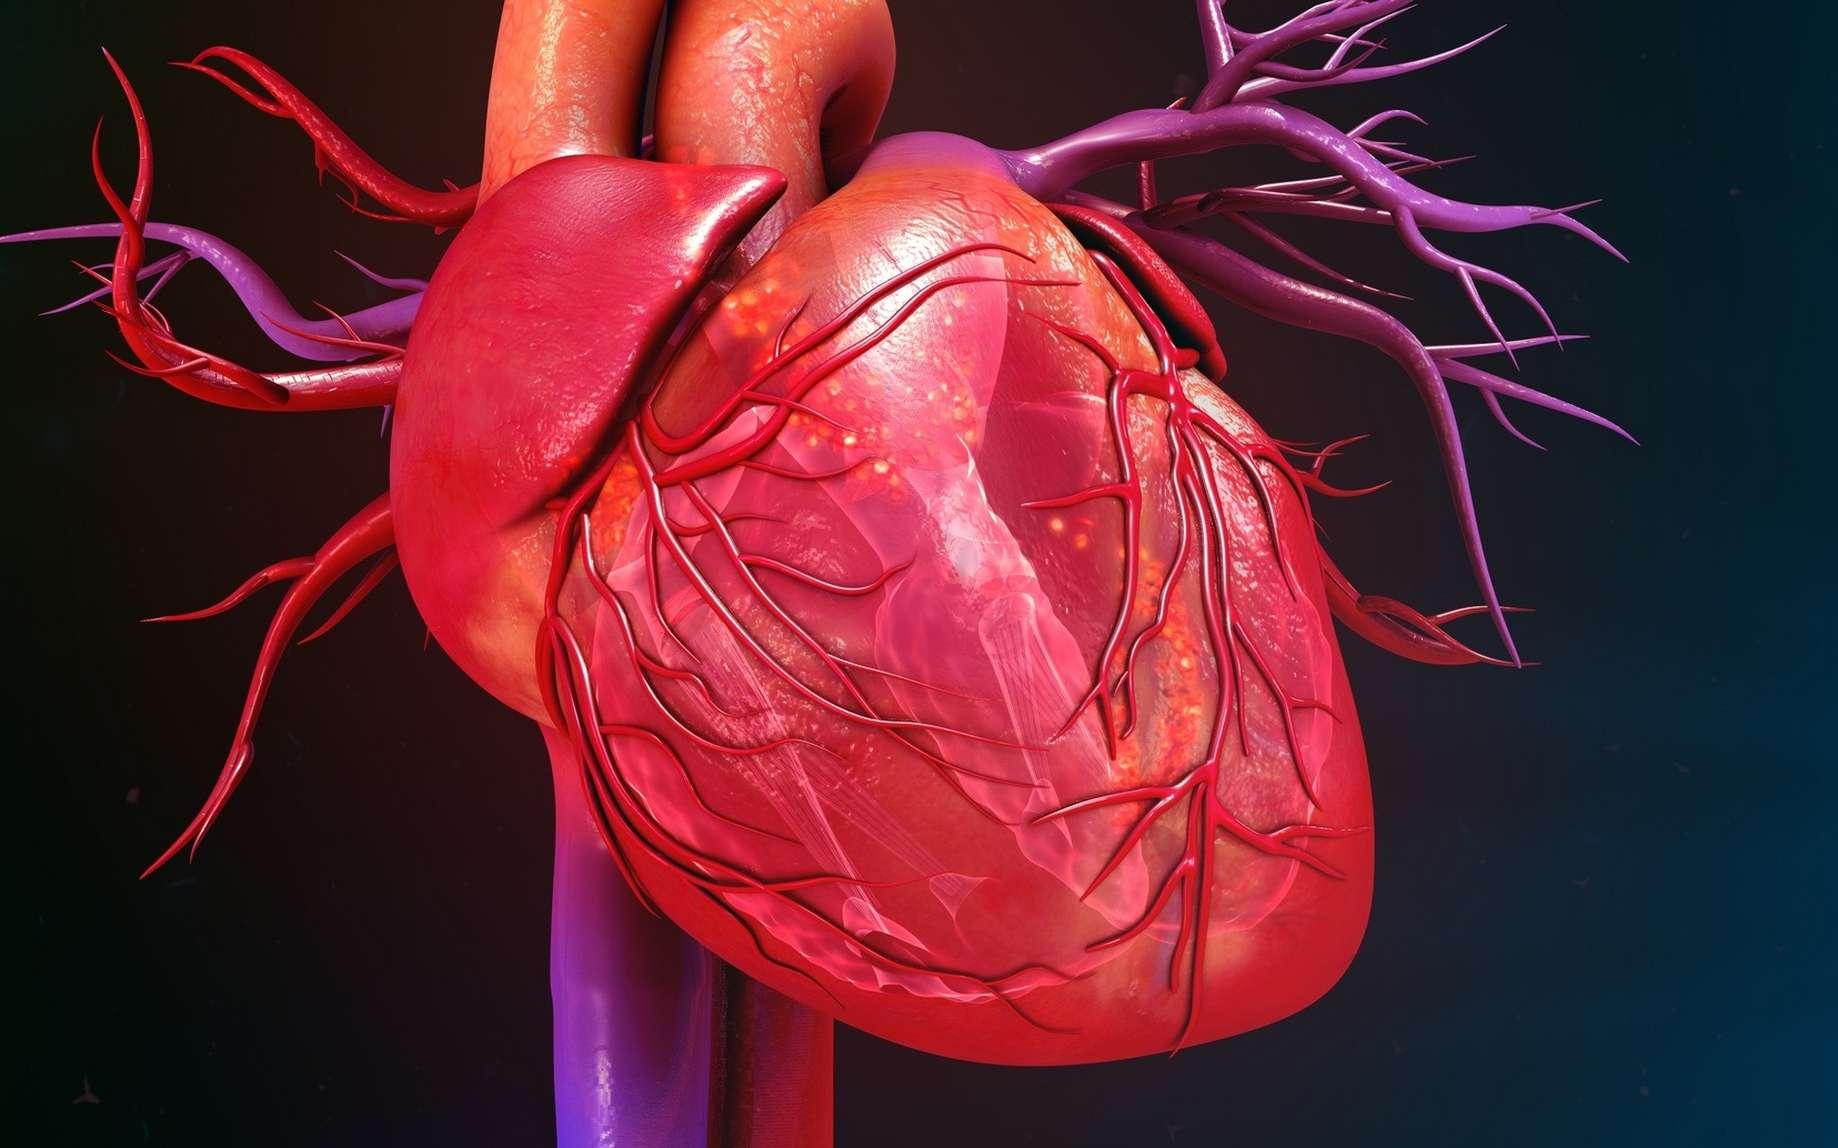 Des chercheurs aimeraient trouver un moyen de régénérer du tissu cardiaque après un infarctus. © 7activestudio, Fotolia